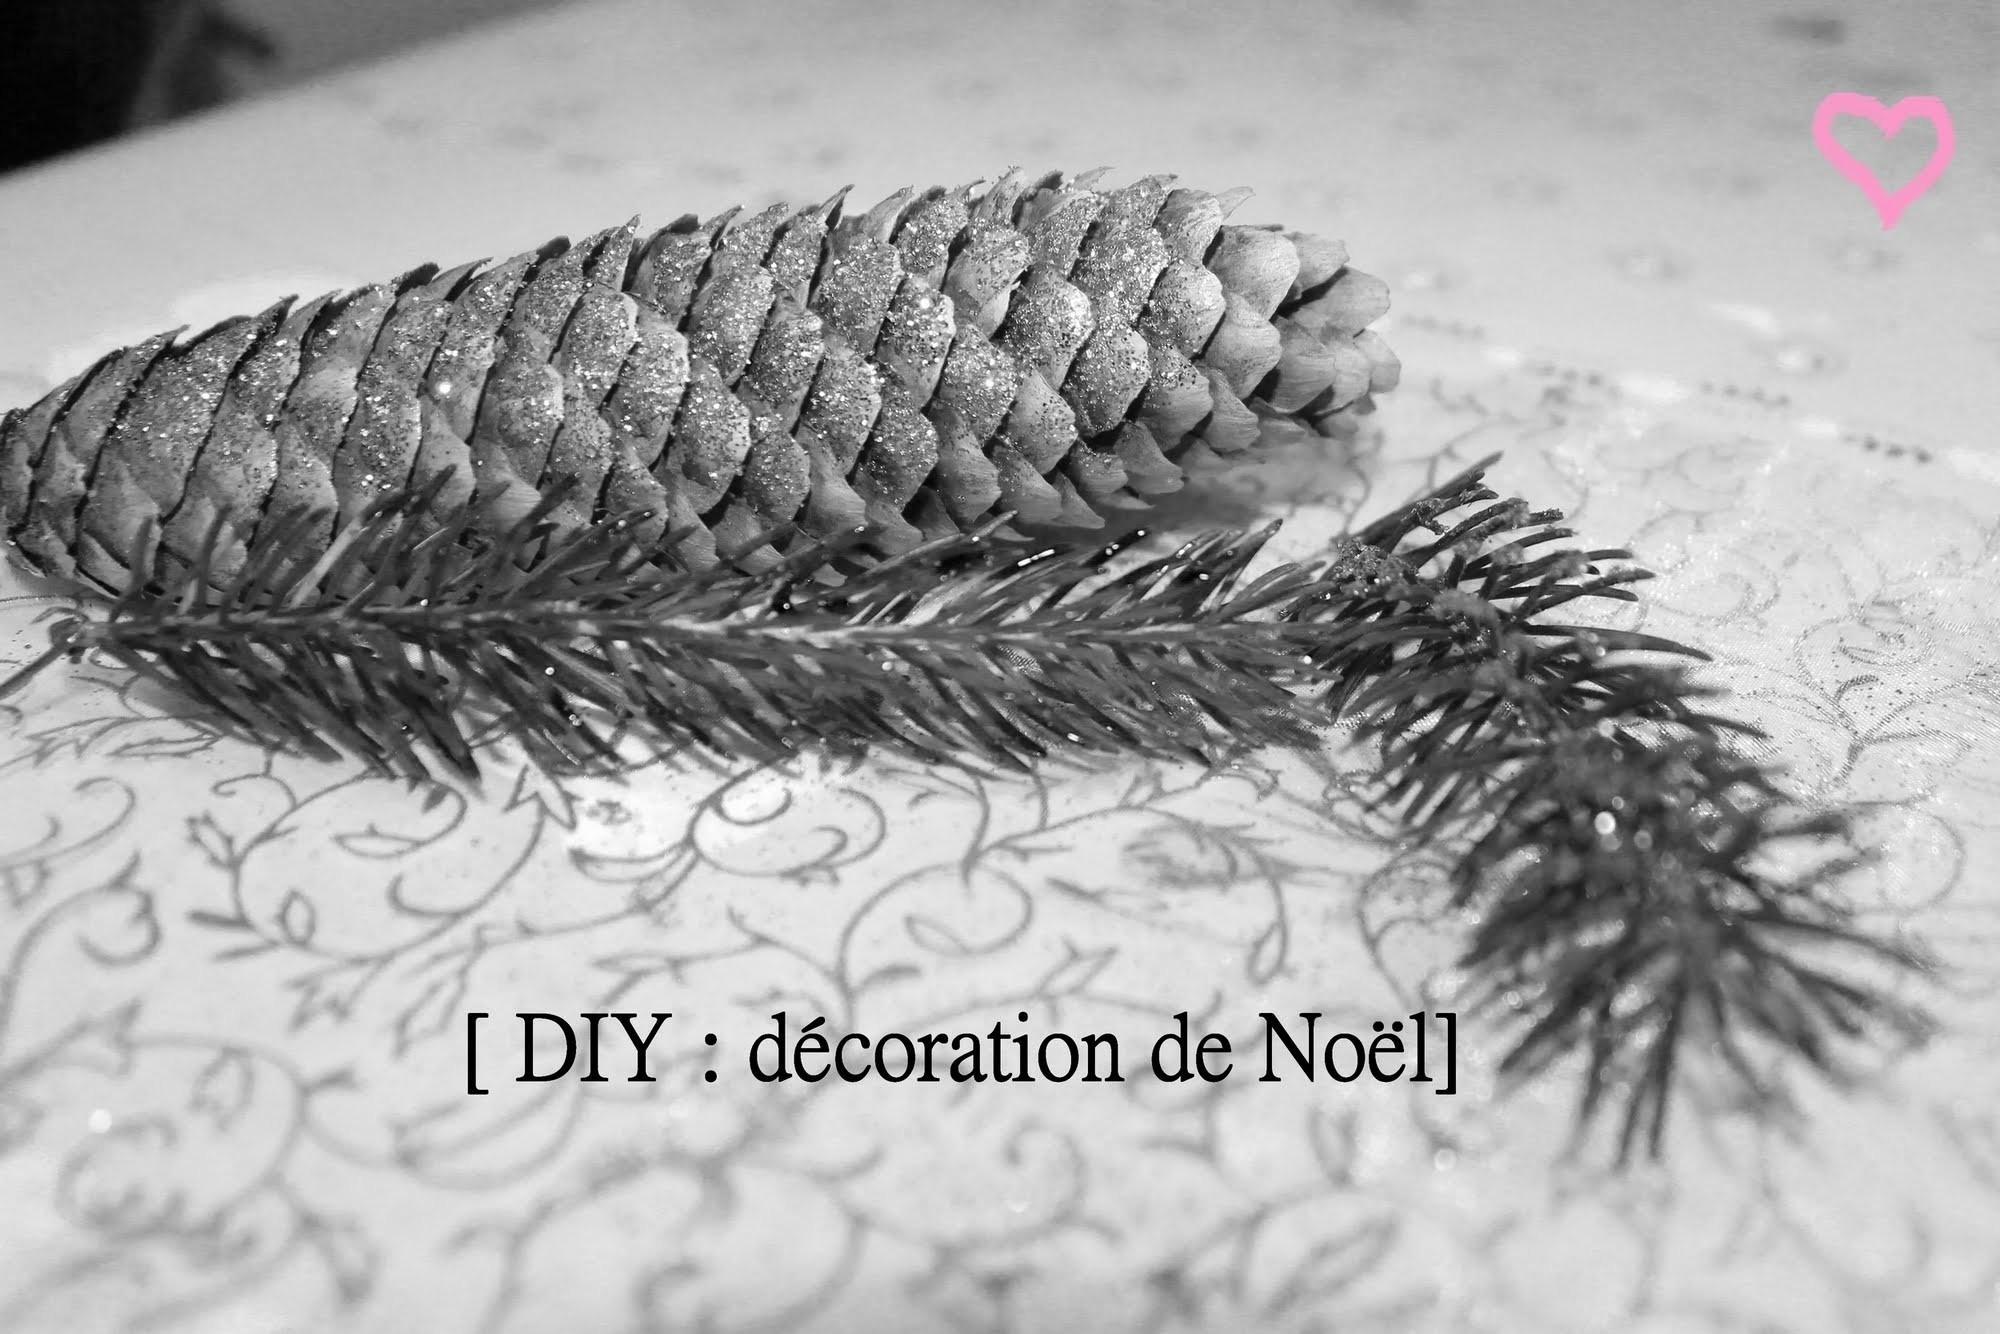 [ DIY n°1 ] : décorations de Noël ☃